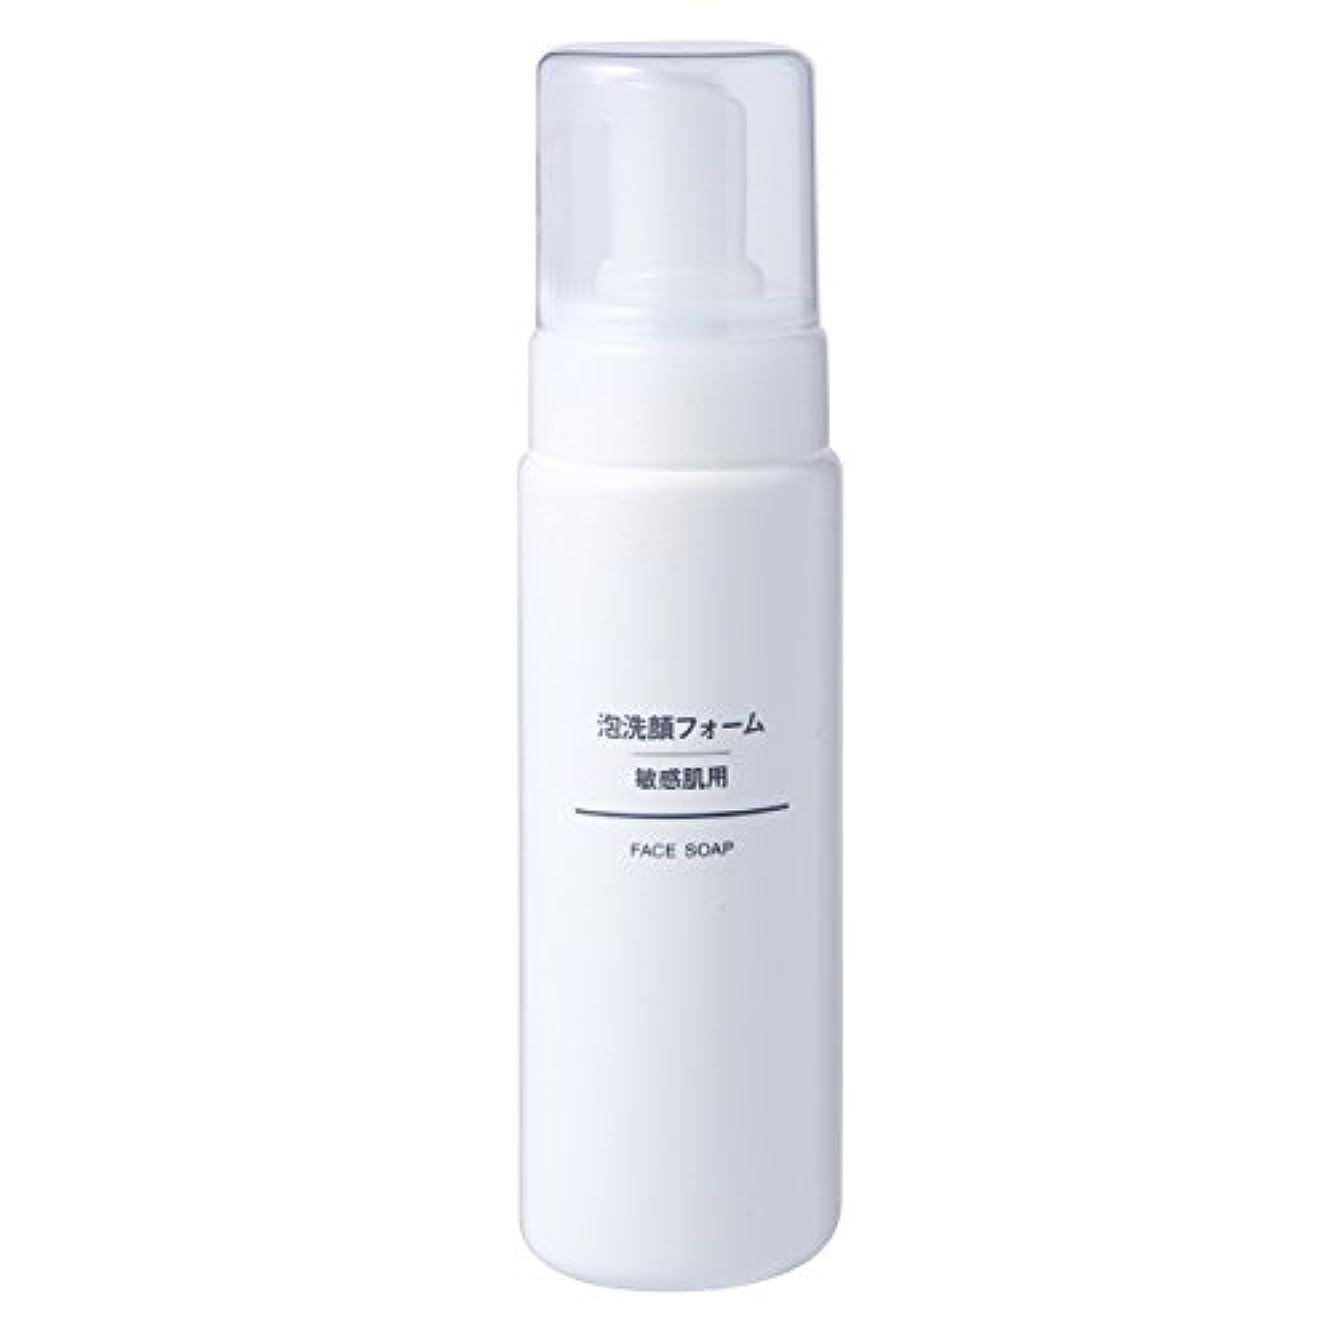 無印良品 泡洗顔フォーム 敏感肌用 200ml